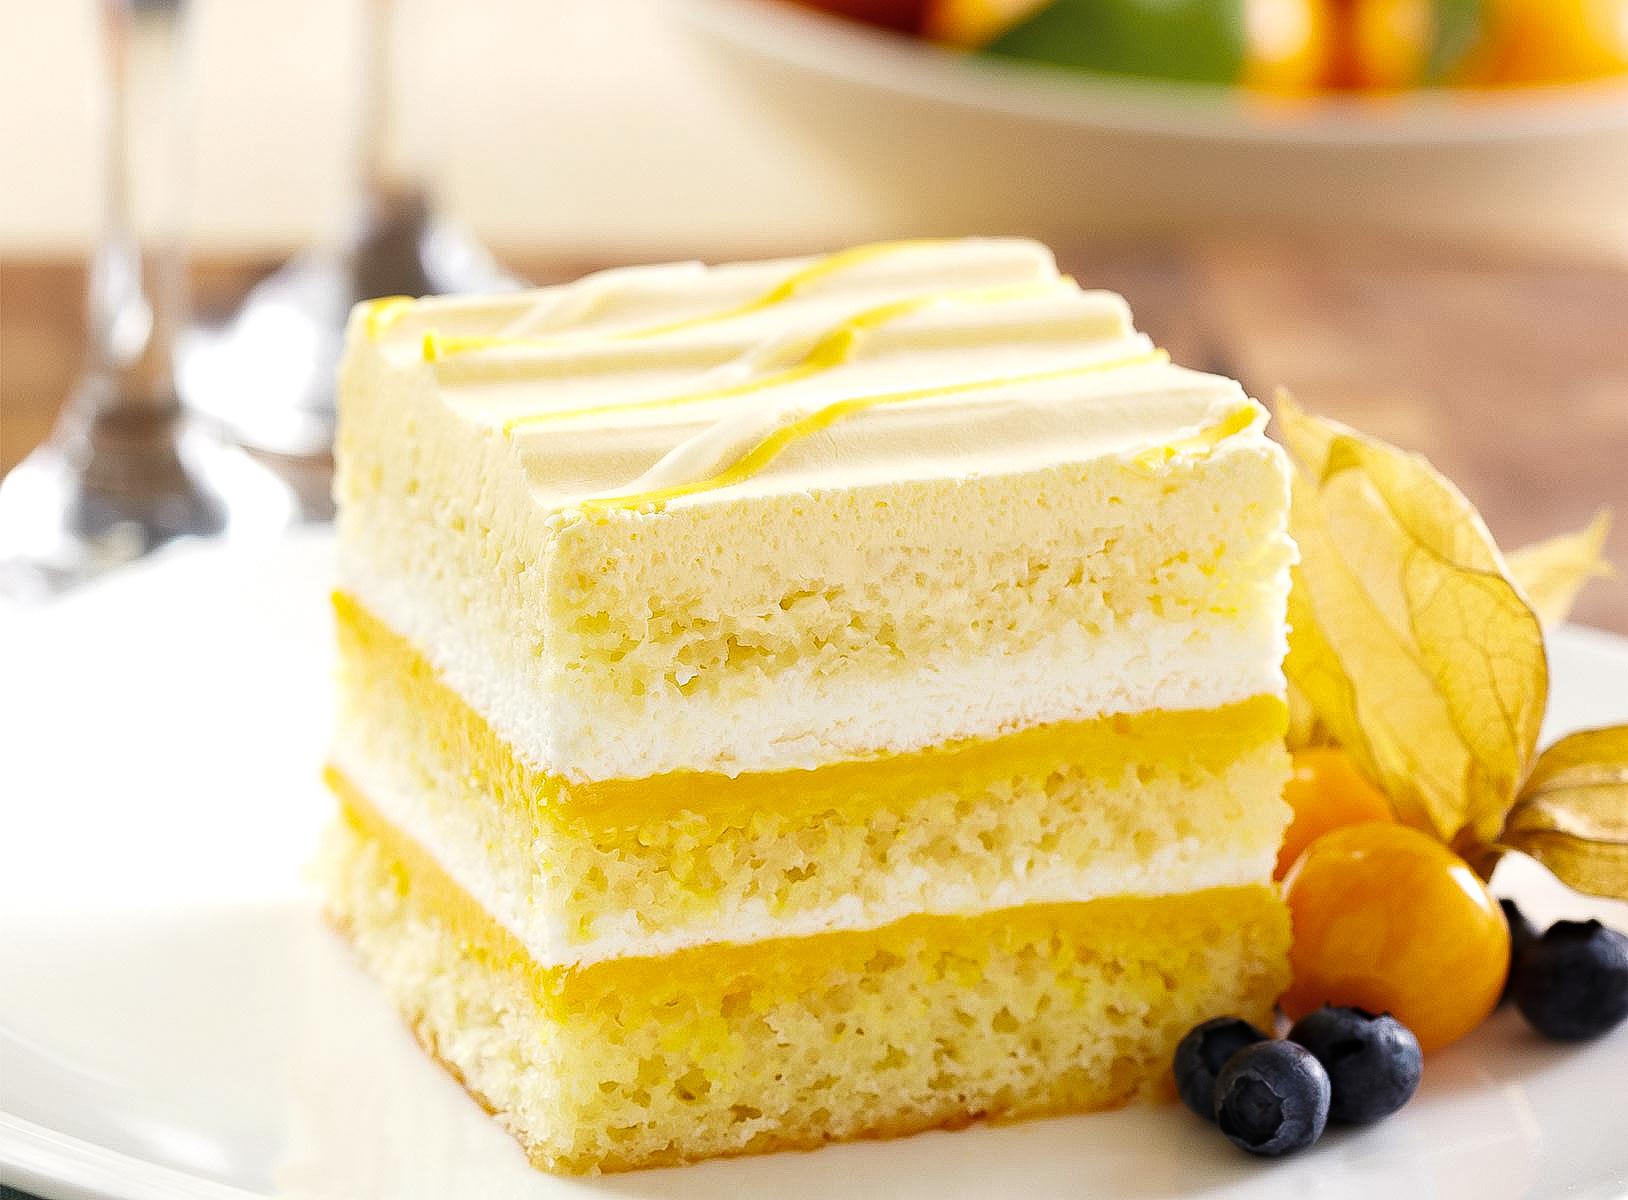 06207_FS_TOC_OrangesCream_Shortcake